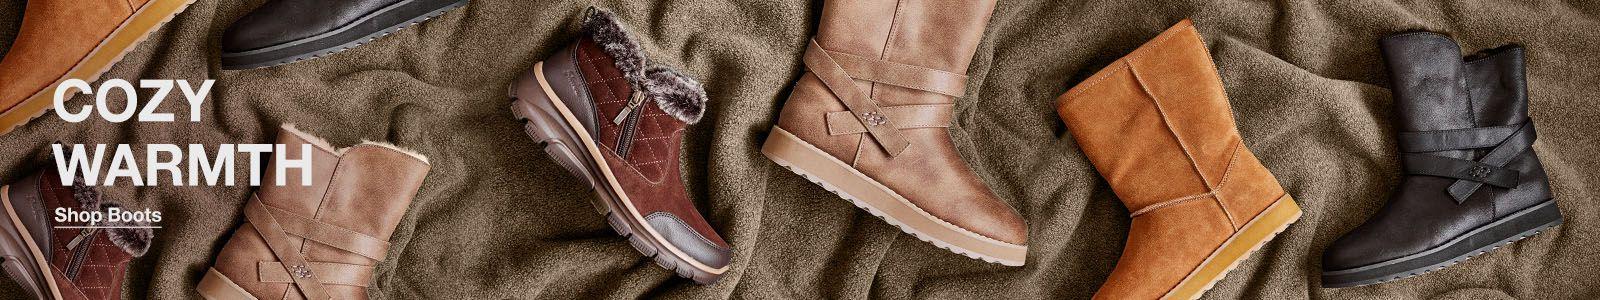 Cozy Warmth, Shop Boots